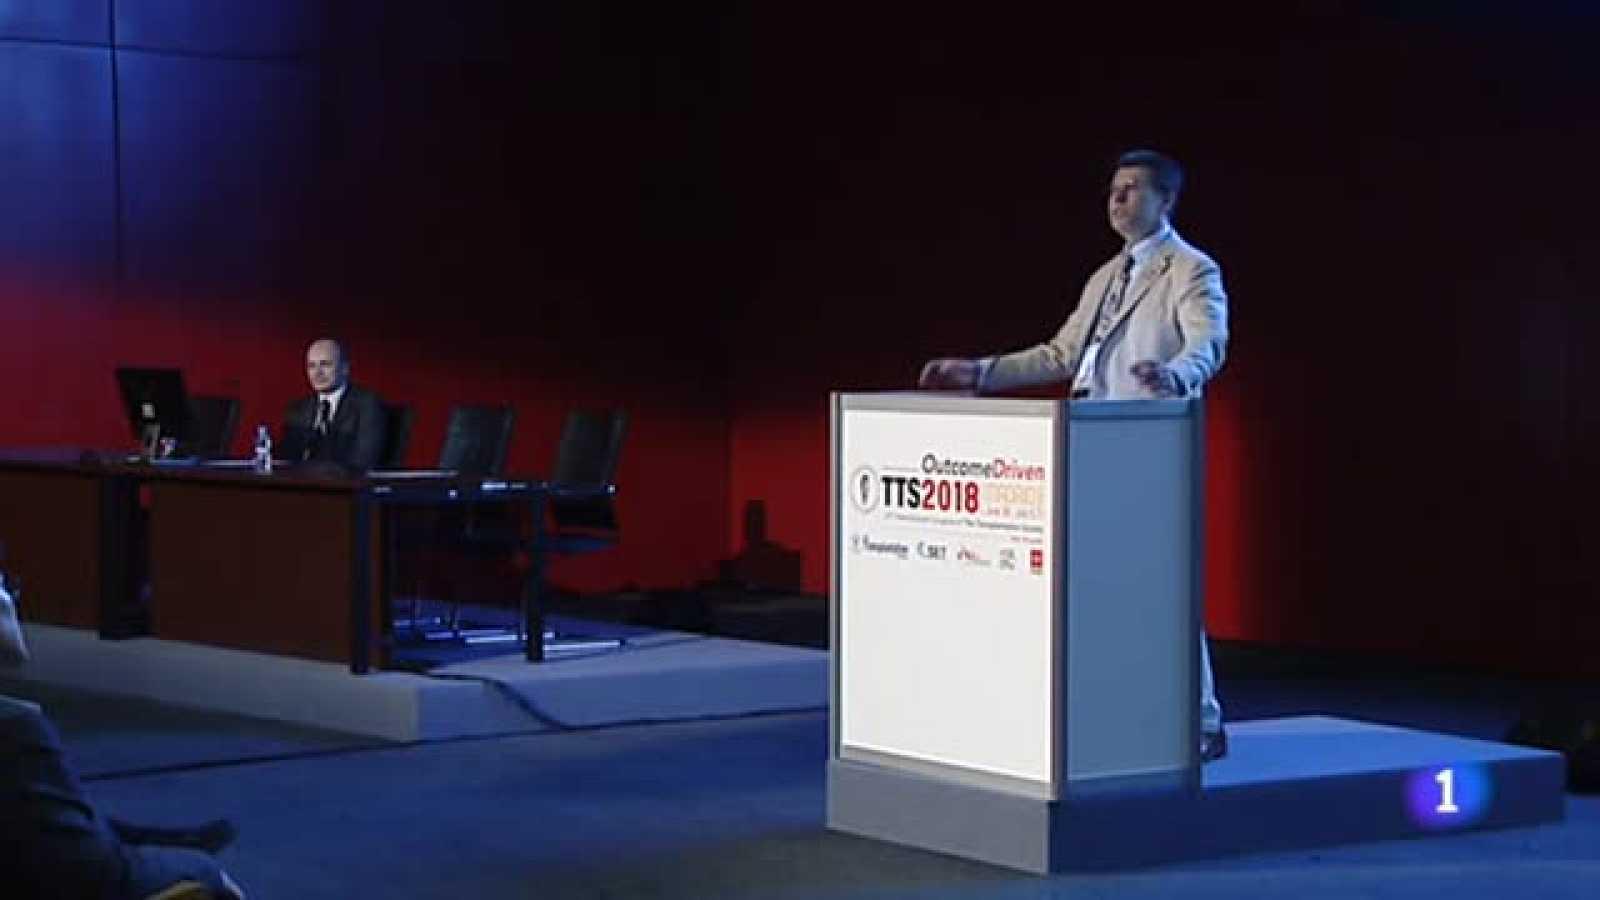 Dos congresos dedicados a los trasplantes coinciden en Madrid